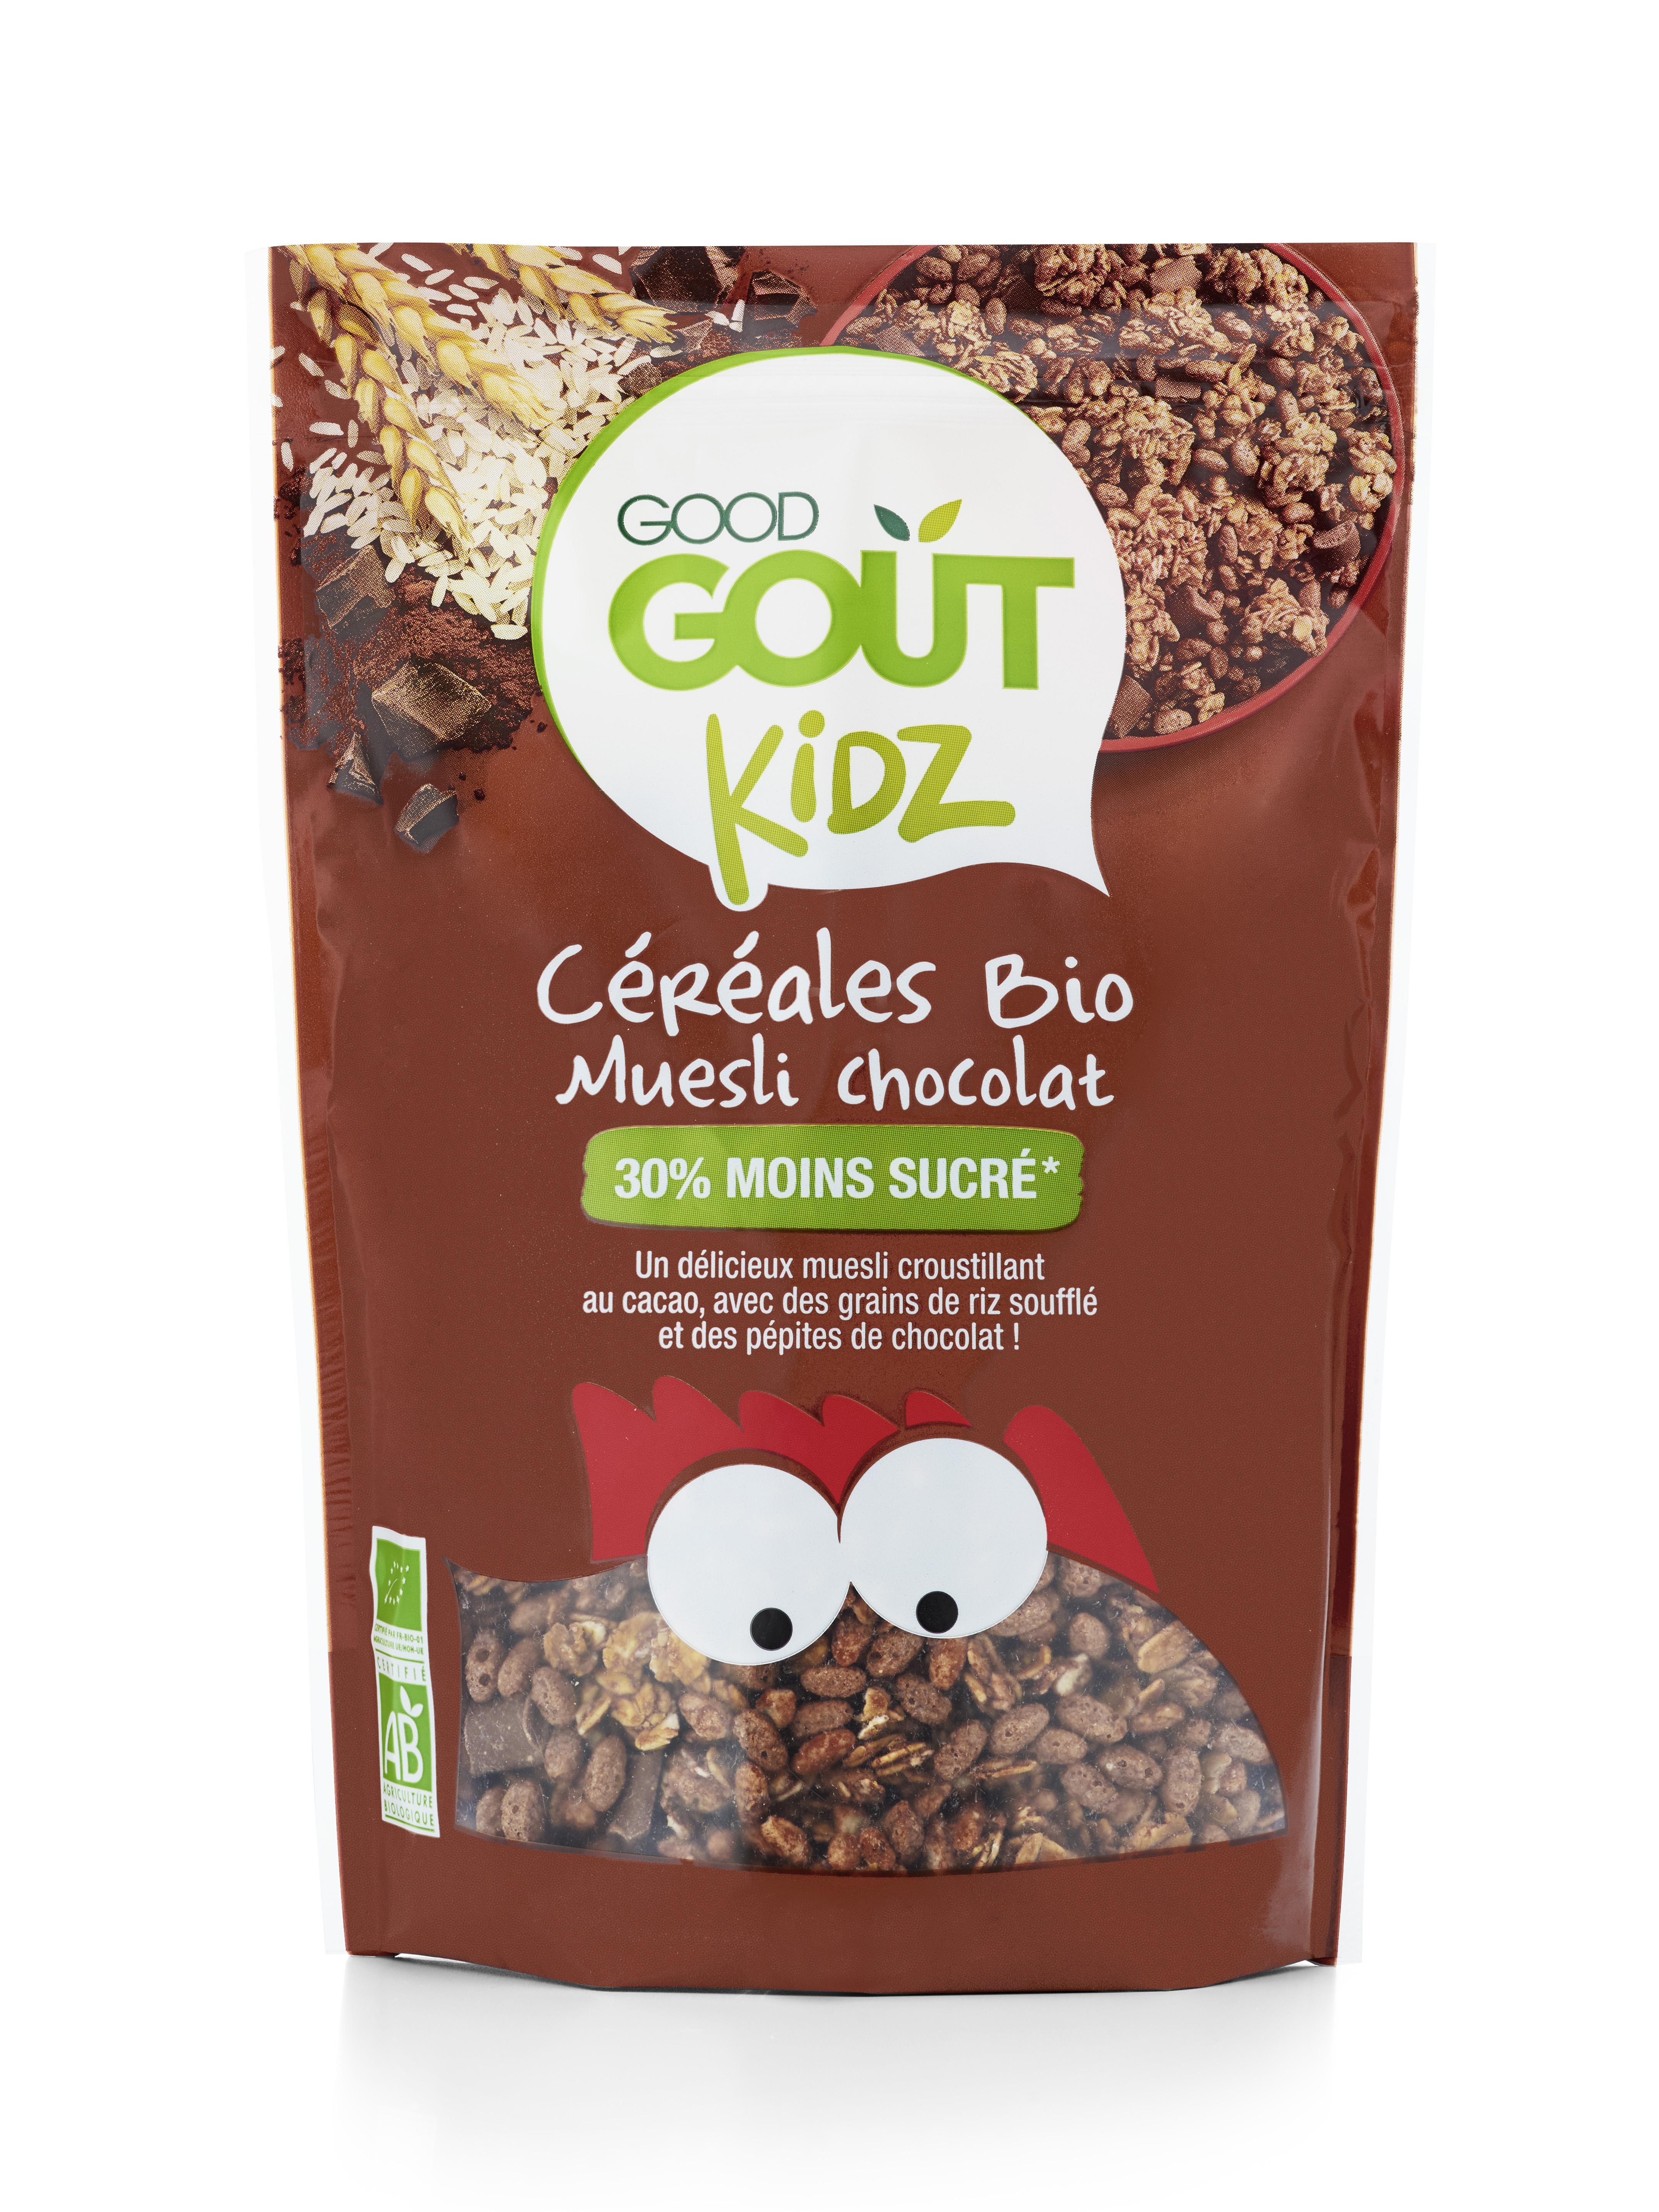 Ökoloogiline tervavilja müsli šokolaaditükkidega 300g.